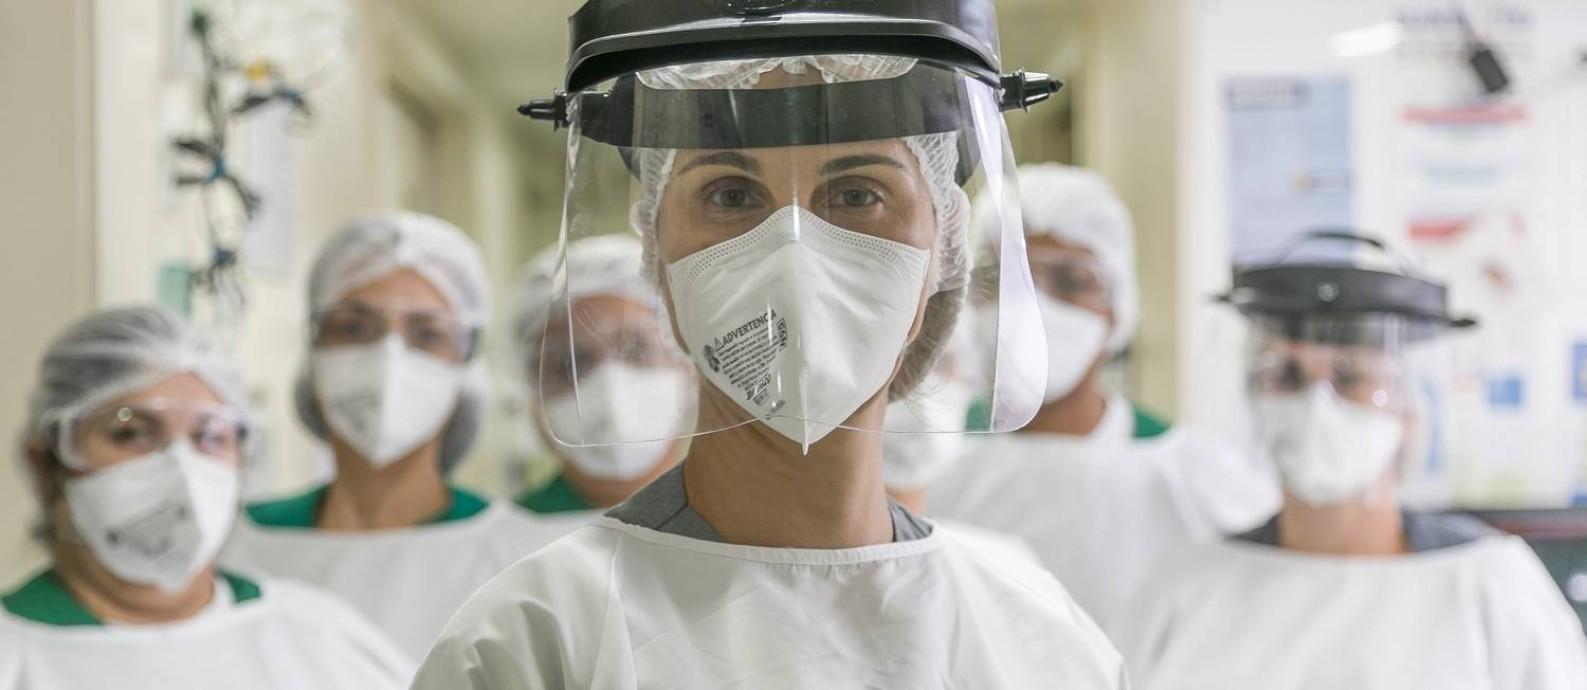 Fisioterapeuta do hospital de campanha Lagoa-Barra, Bárbara Vilaça e colegas se motivam com alegria dos recuperados Foto: Marco Sobral / G.LAB